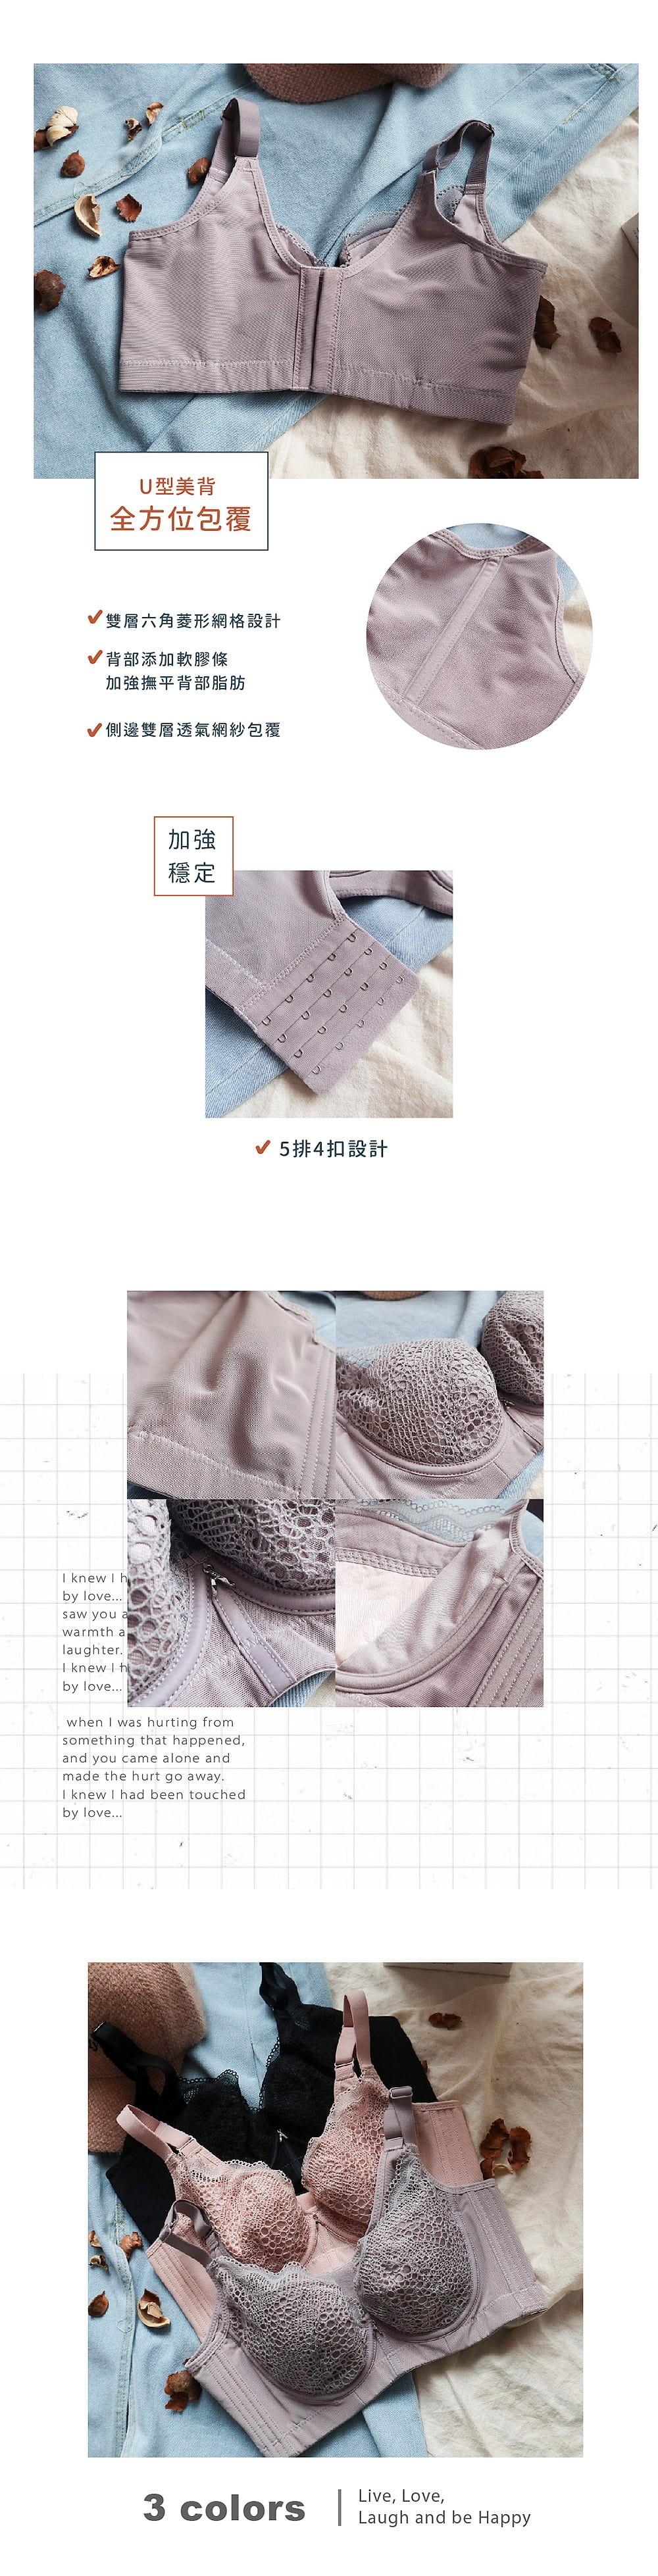 軟鋼圈甜夢小屋美胸調整型內衣單件 3色